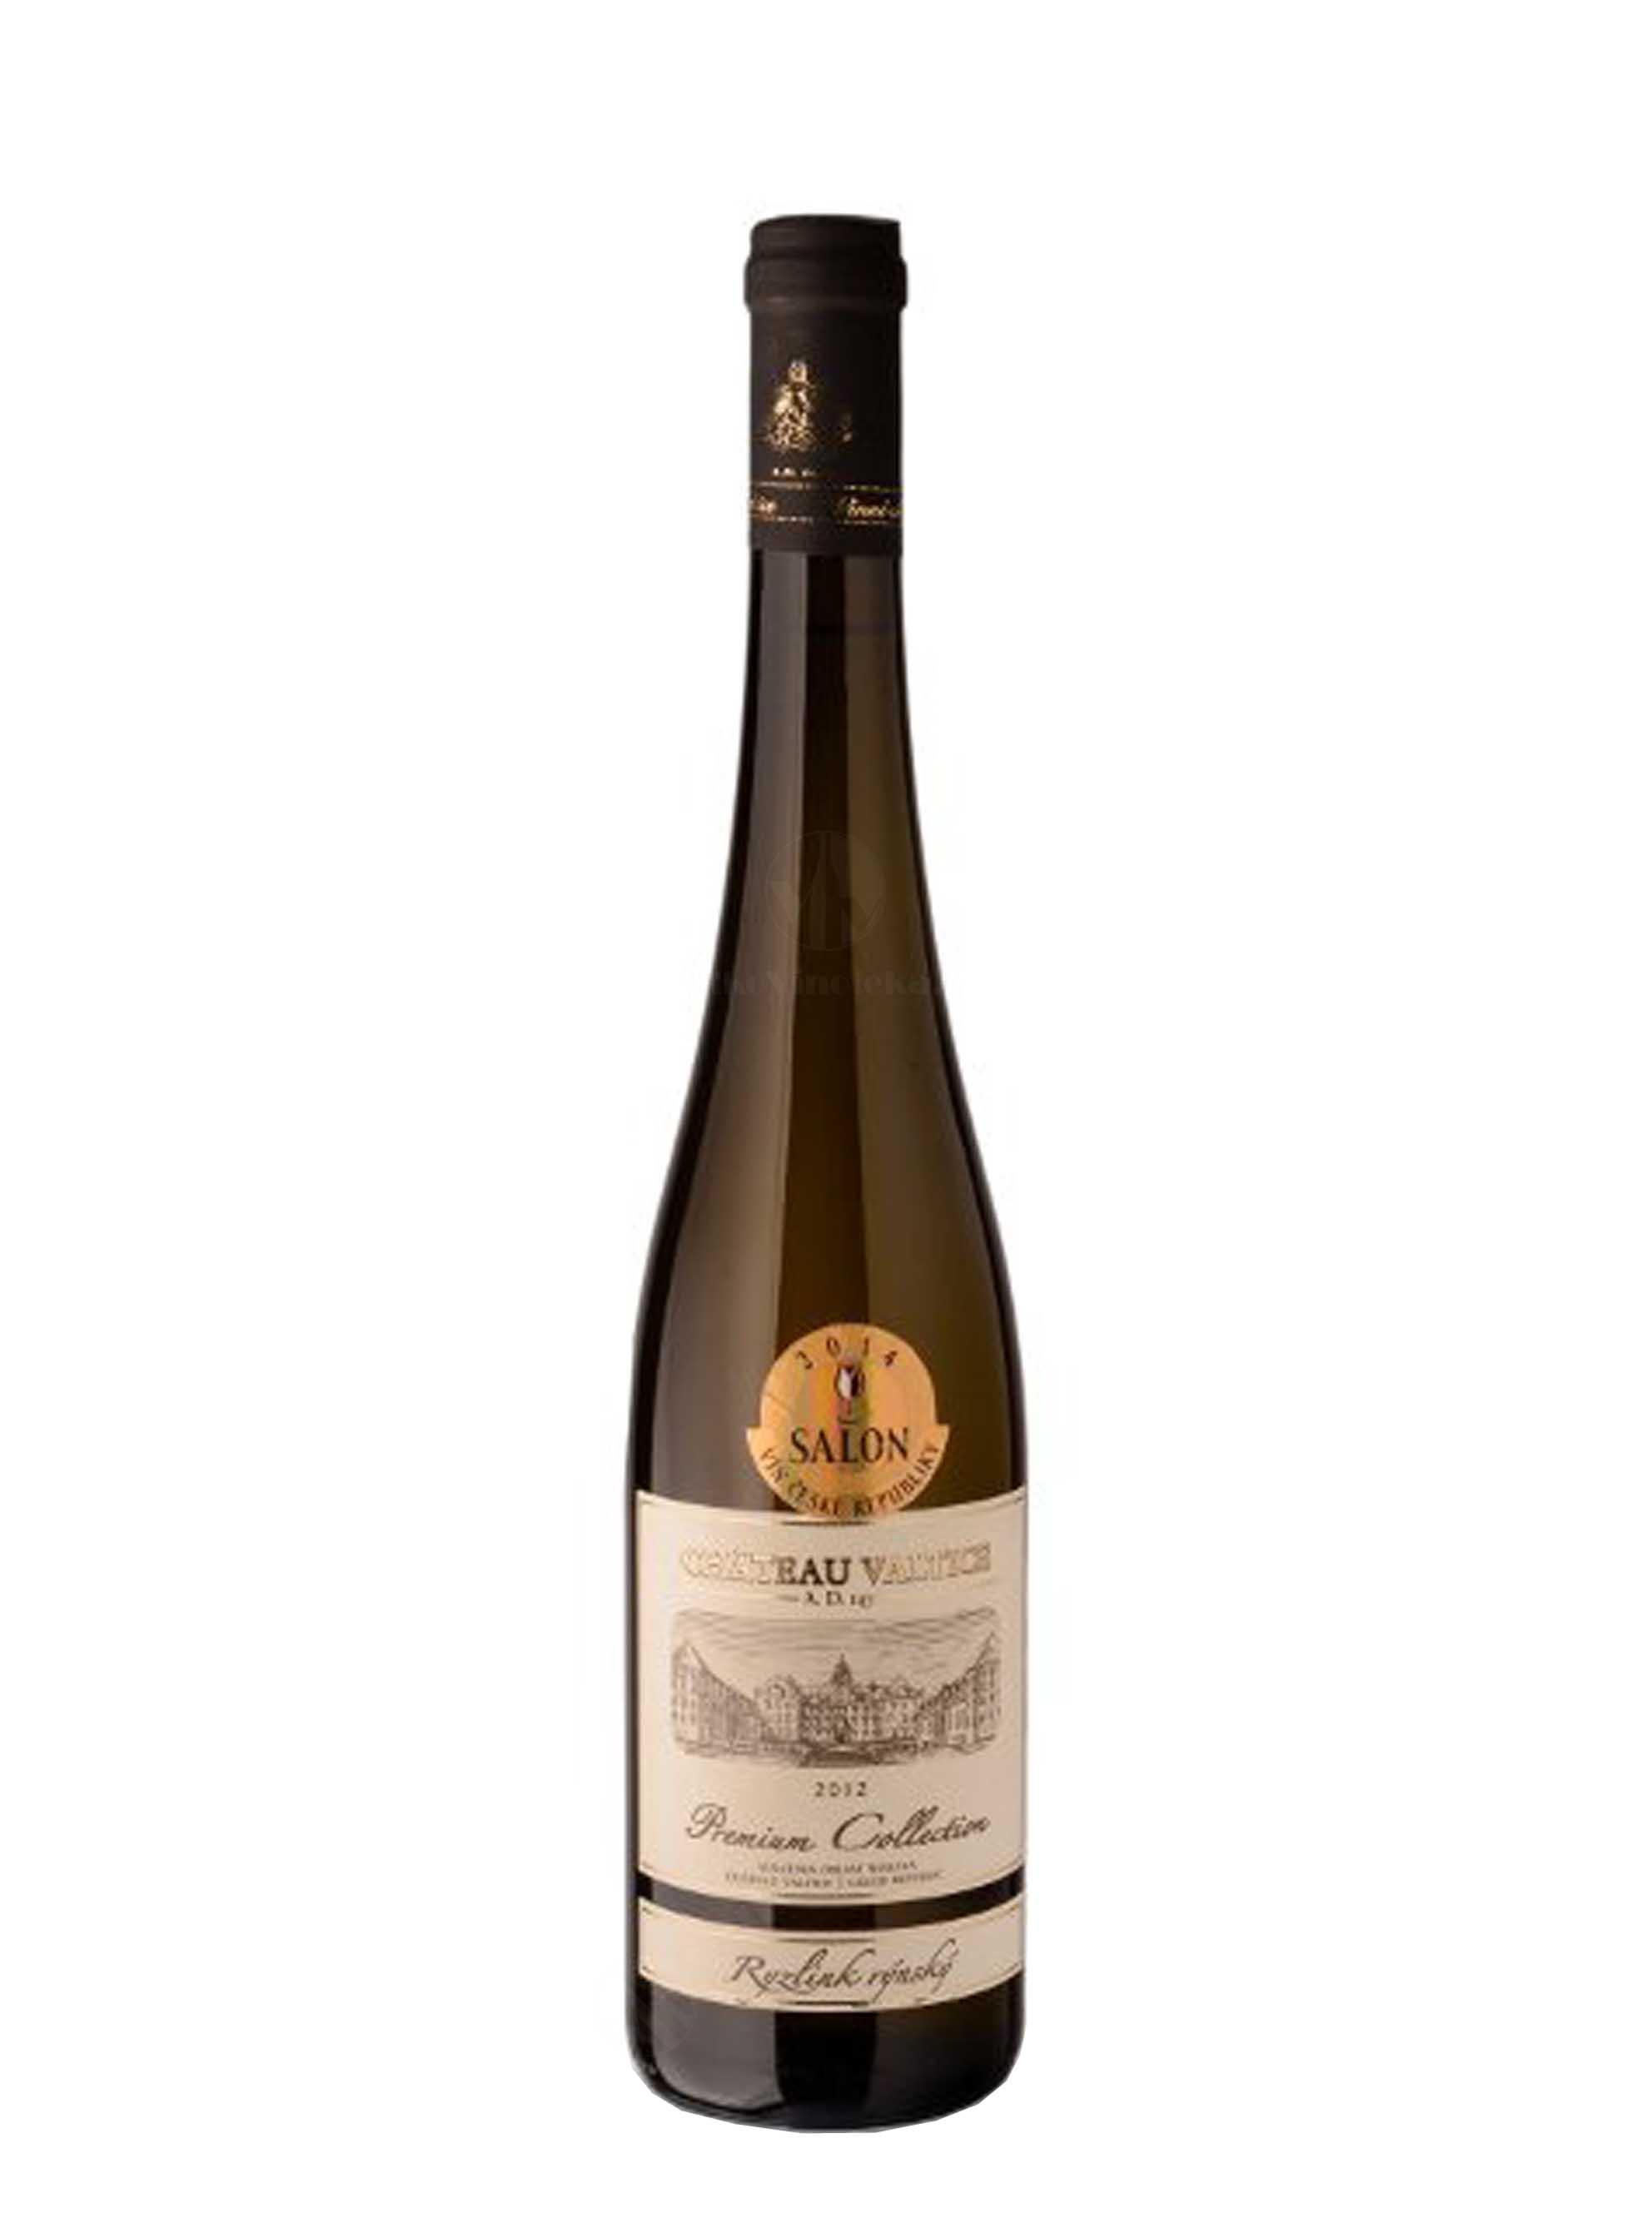 Ryzlink rýnský, Premium Collection, Výběr z hroznů, 2012, Château Valtice, 0.75 l